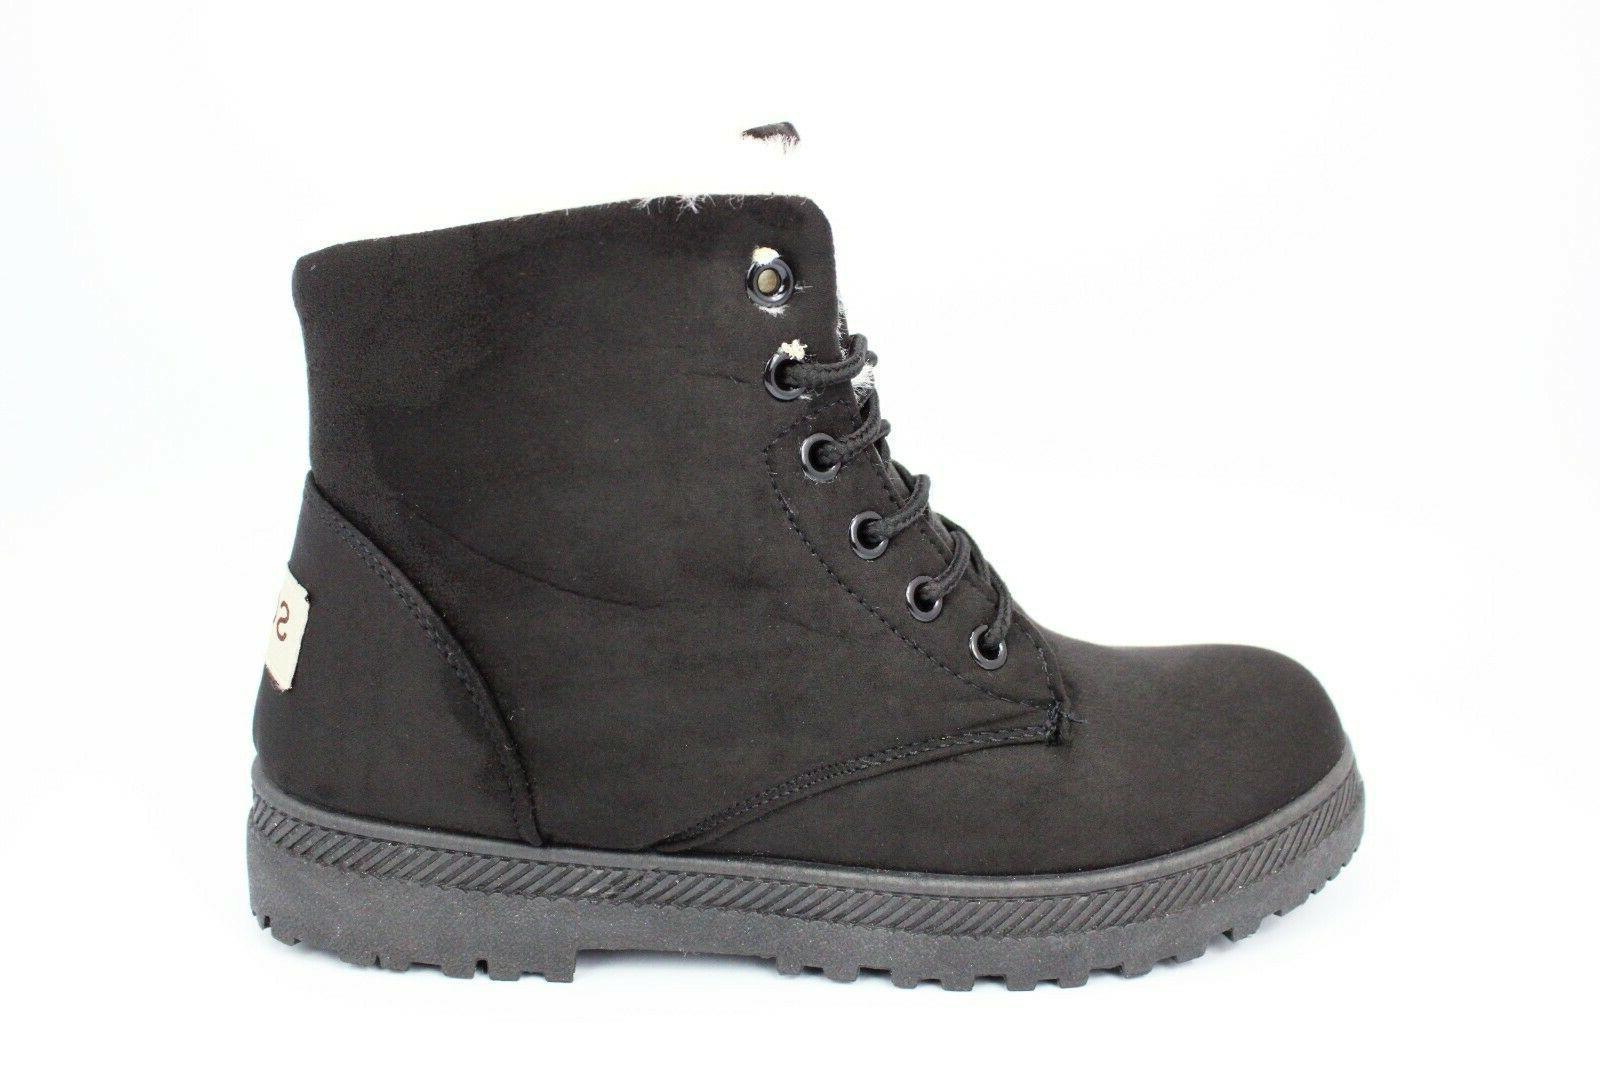 NOT100 Waterproof Snow Boots Warm Comfy Combat Booties,